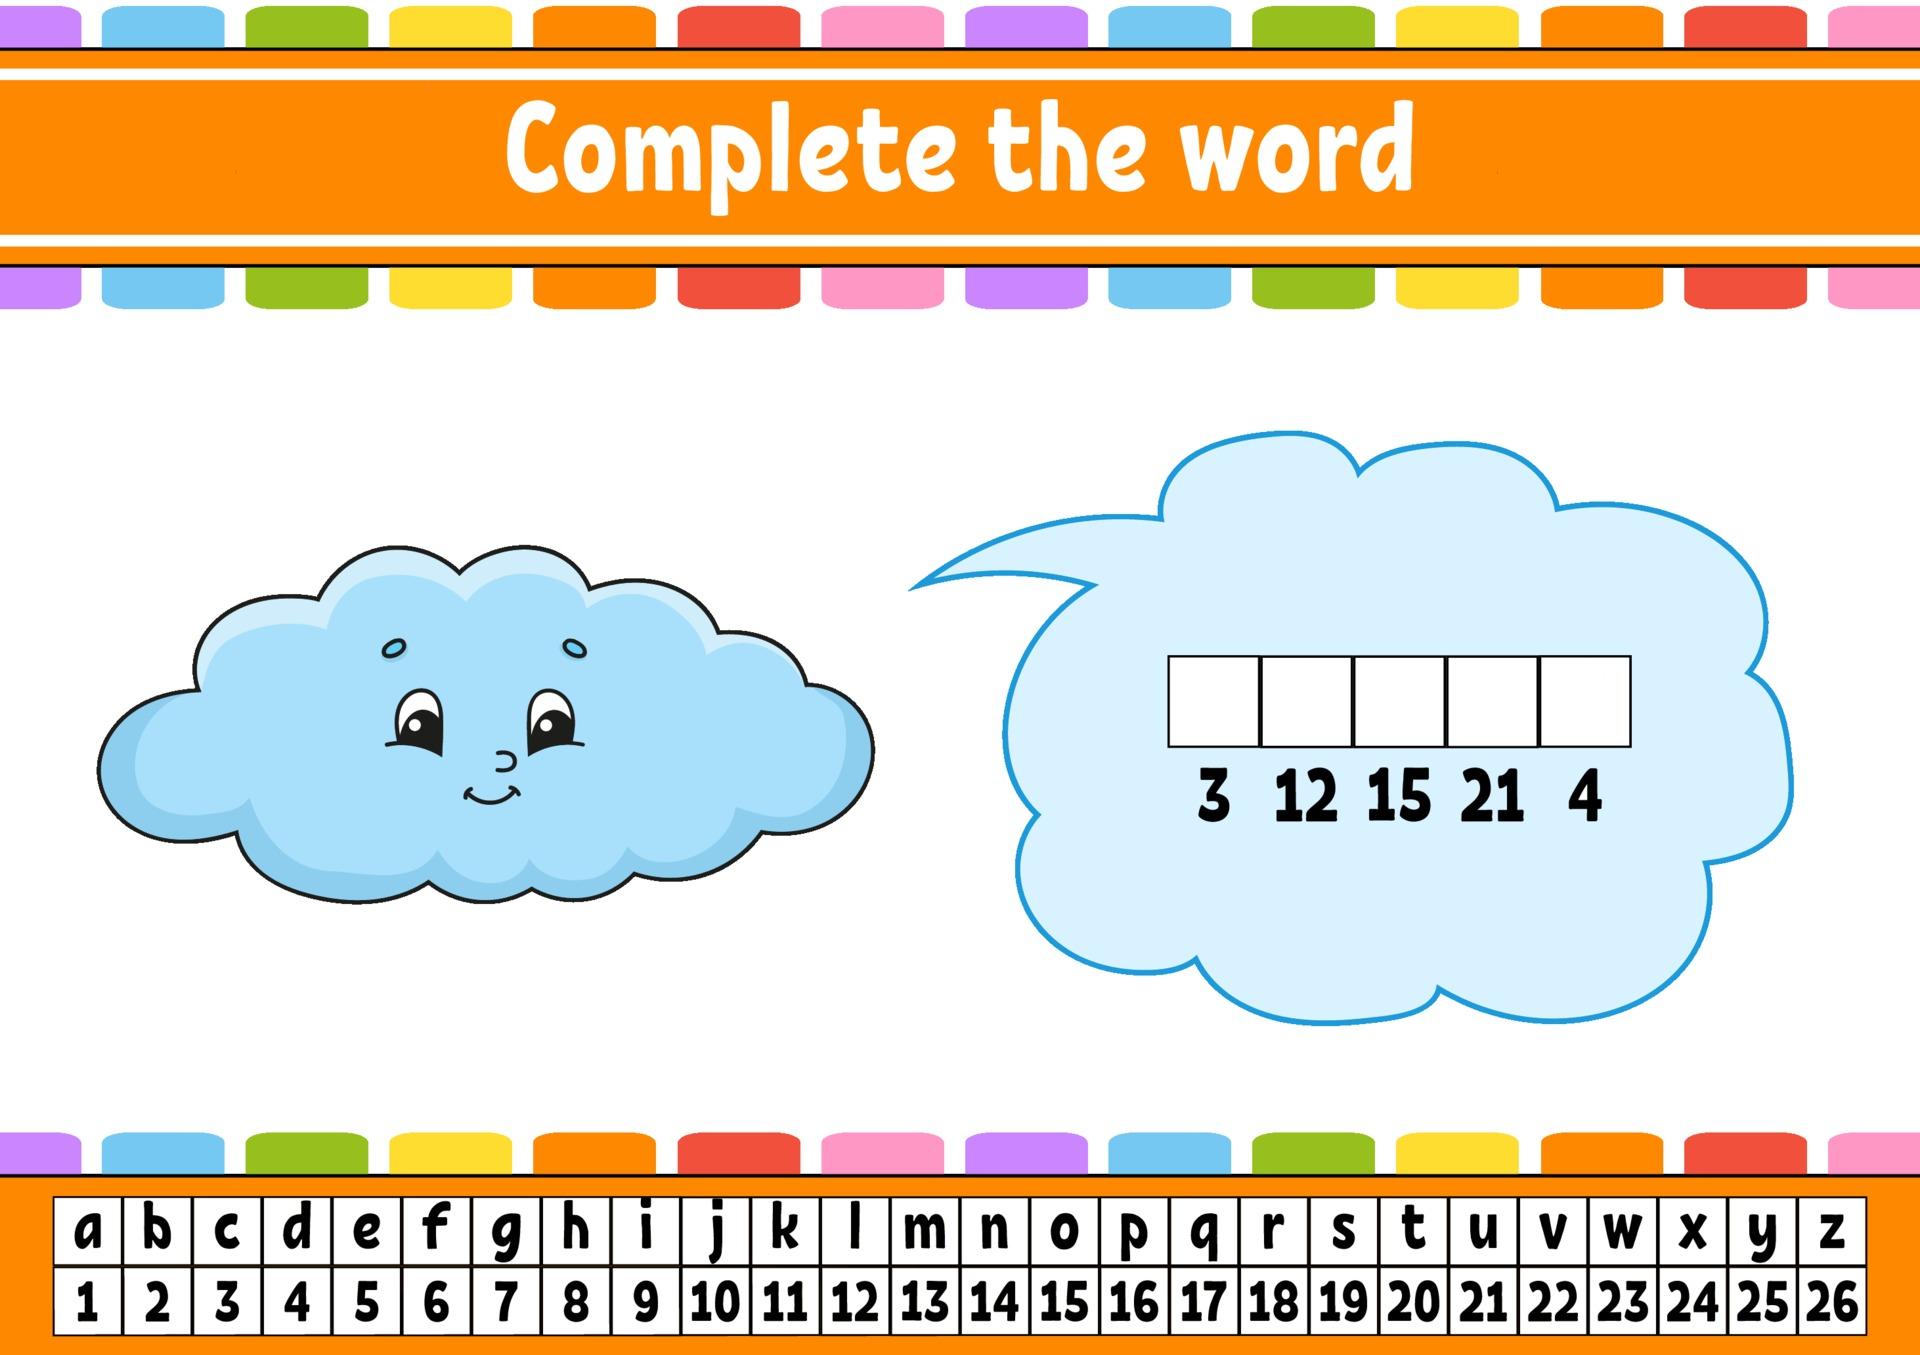 Vervollständige die Wortwolke. Chiffriercode. Vokabeln und Zahlen ...